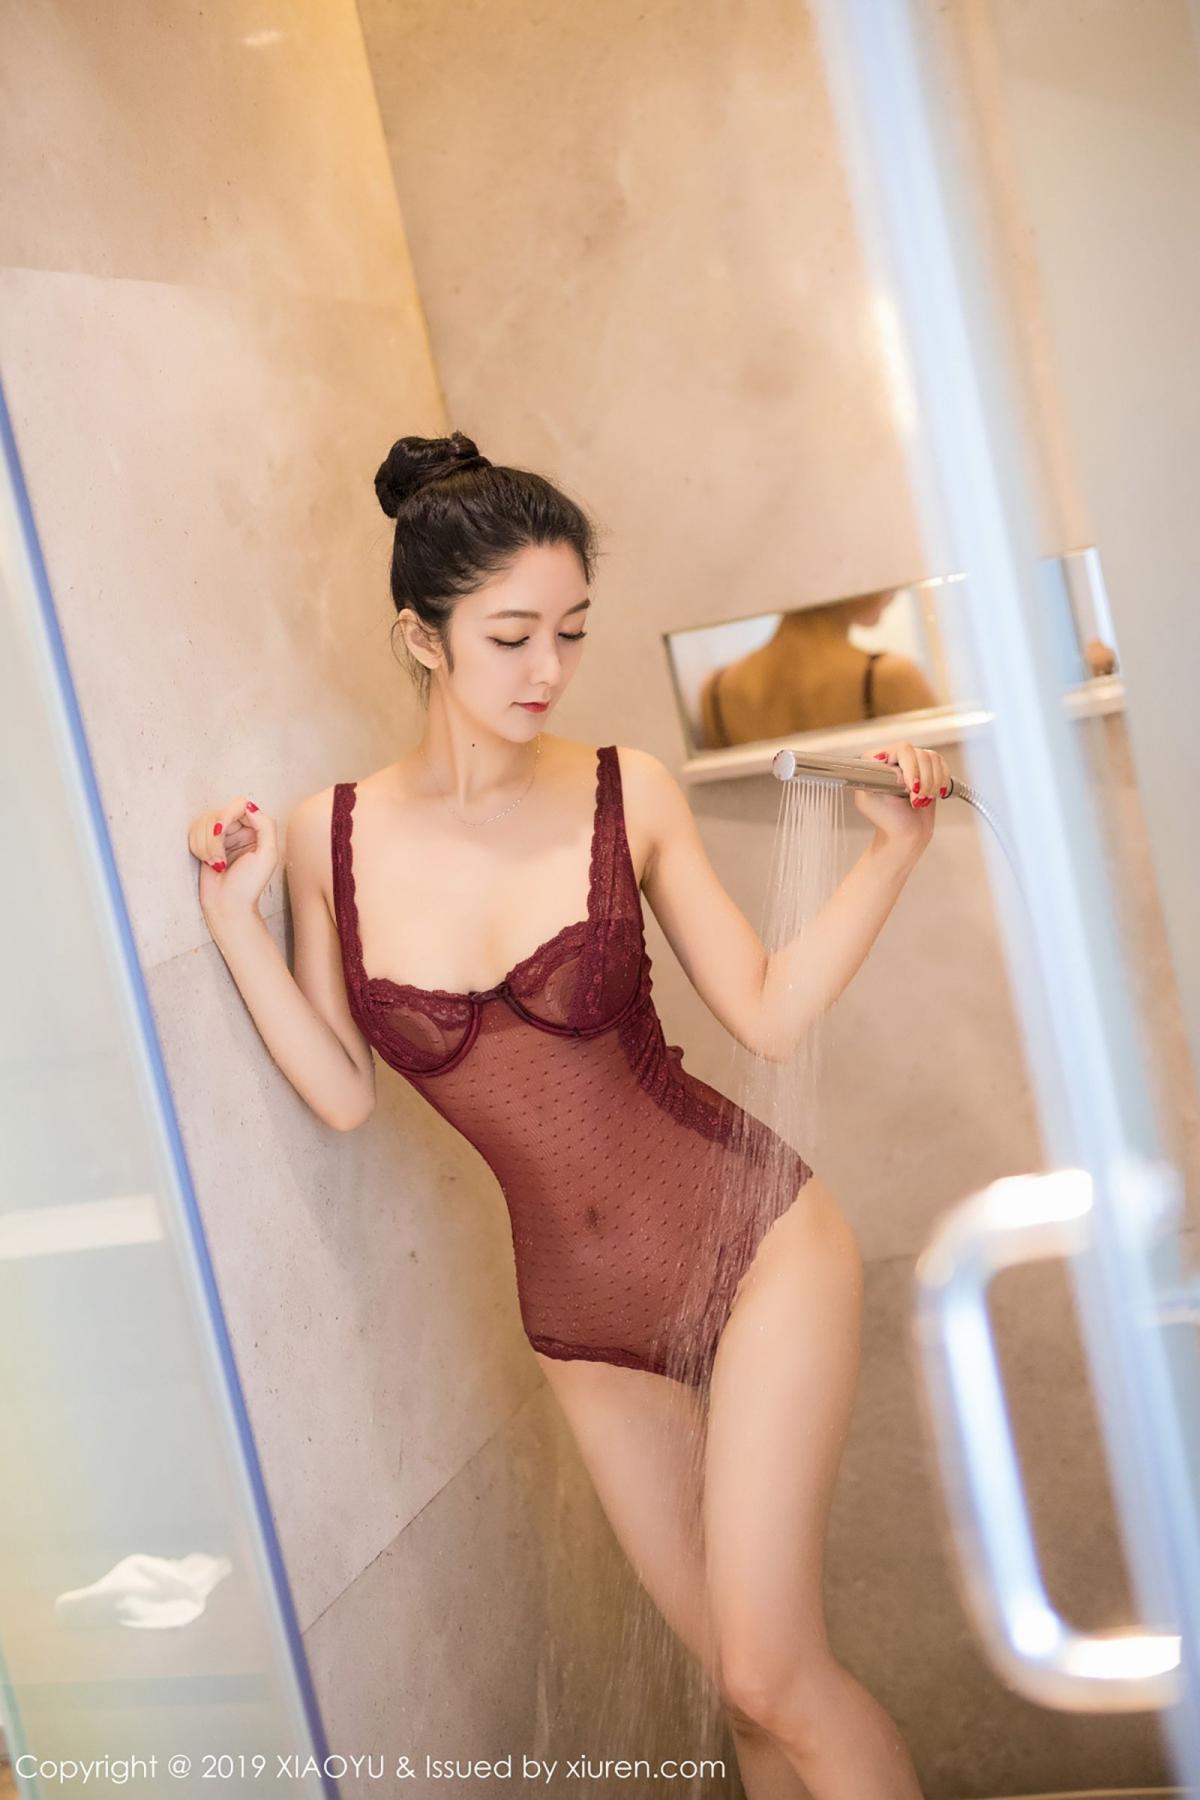 [XiaoYu] Vol.017 Di Yi 20P, Bathroom, Di Yi, Underwear, Wet, XiaoYu